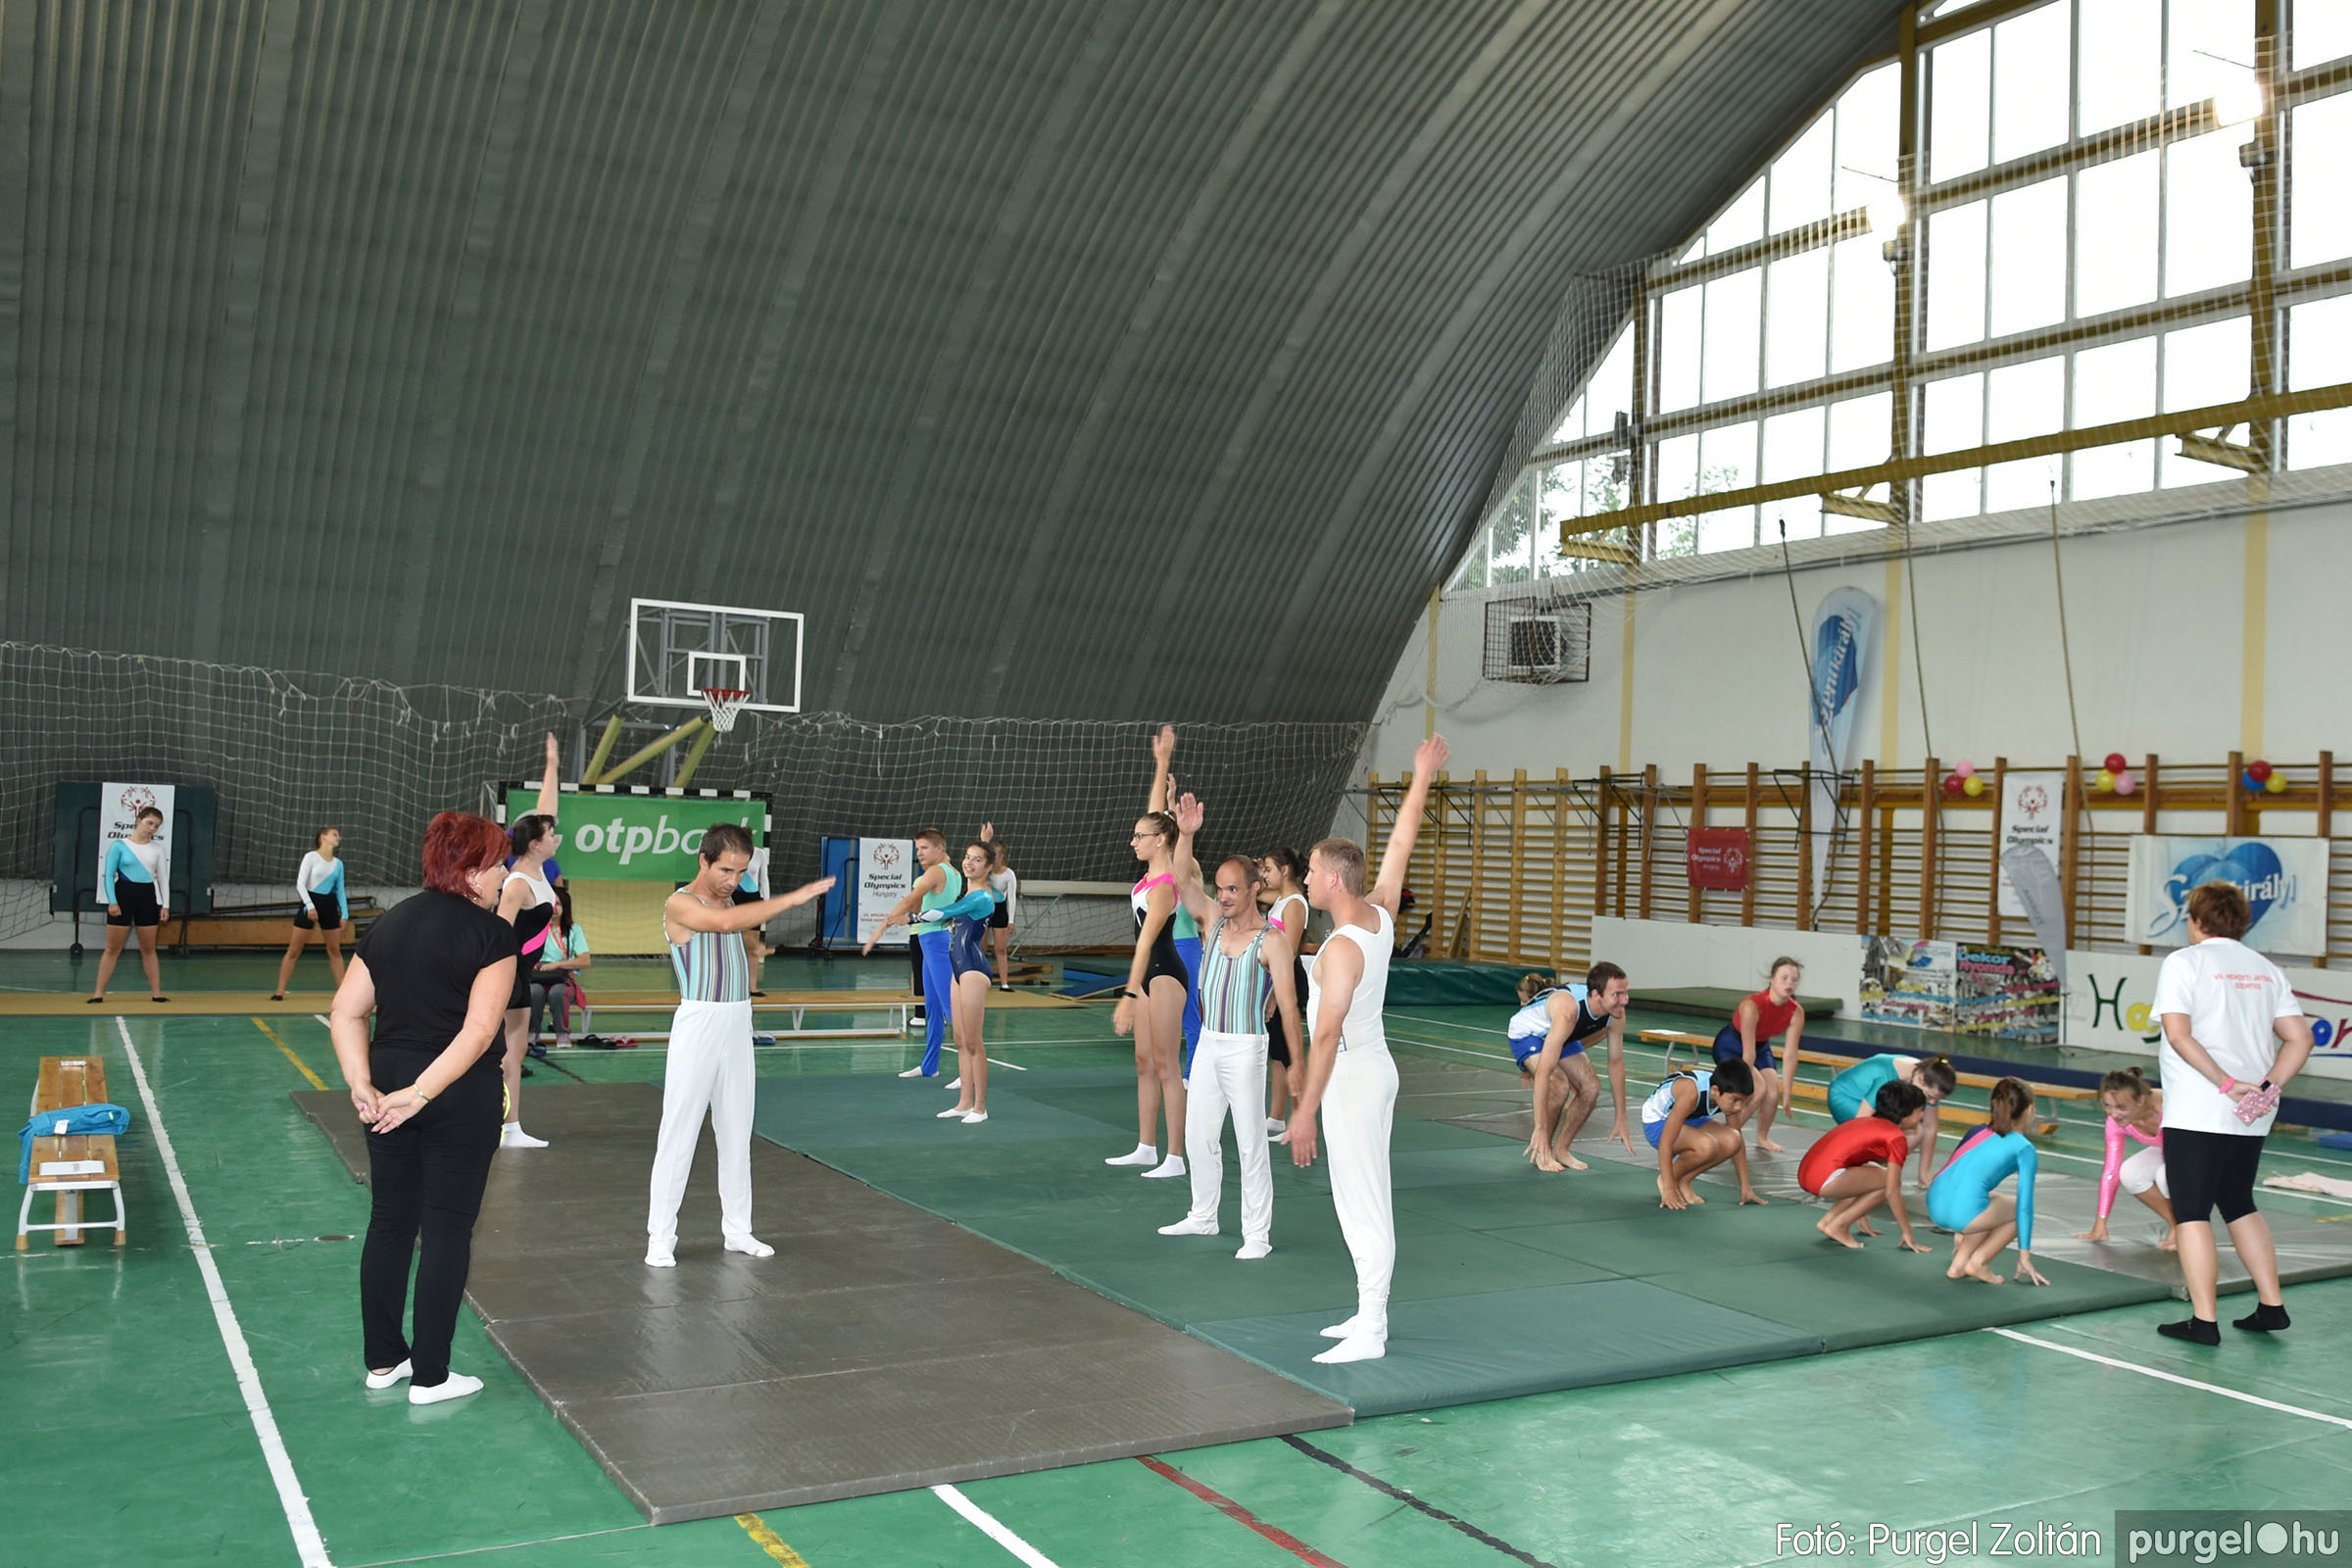 2021.08.27. 016 VII. Speciális Olimpia Nyári Nemzeti Játékok szegvári megnyitója.jpg